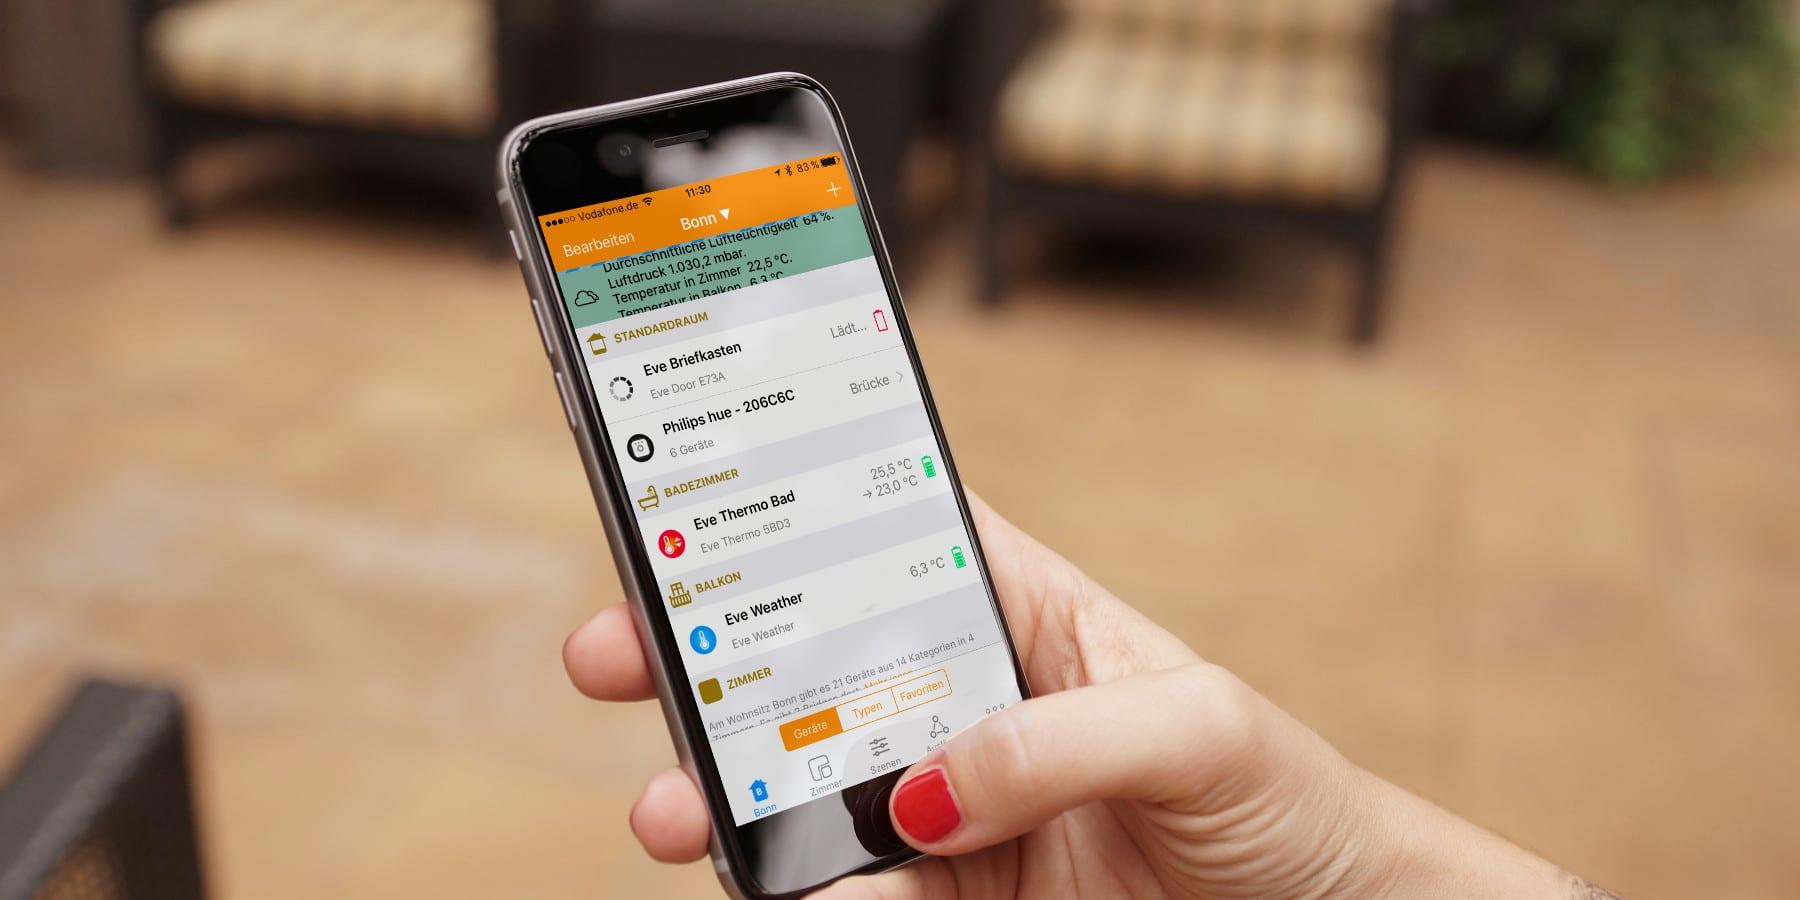 Neuerungen in iOS 10.2 und Update für myHome